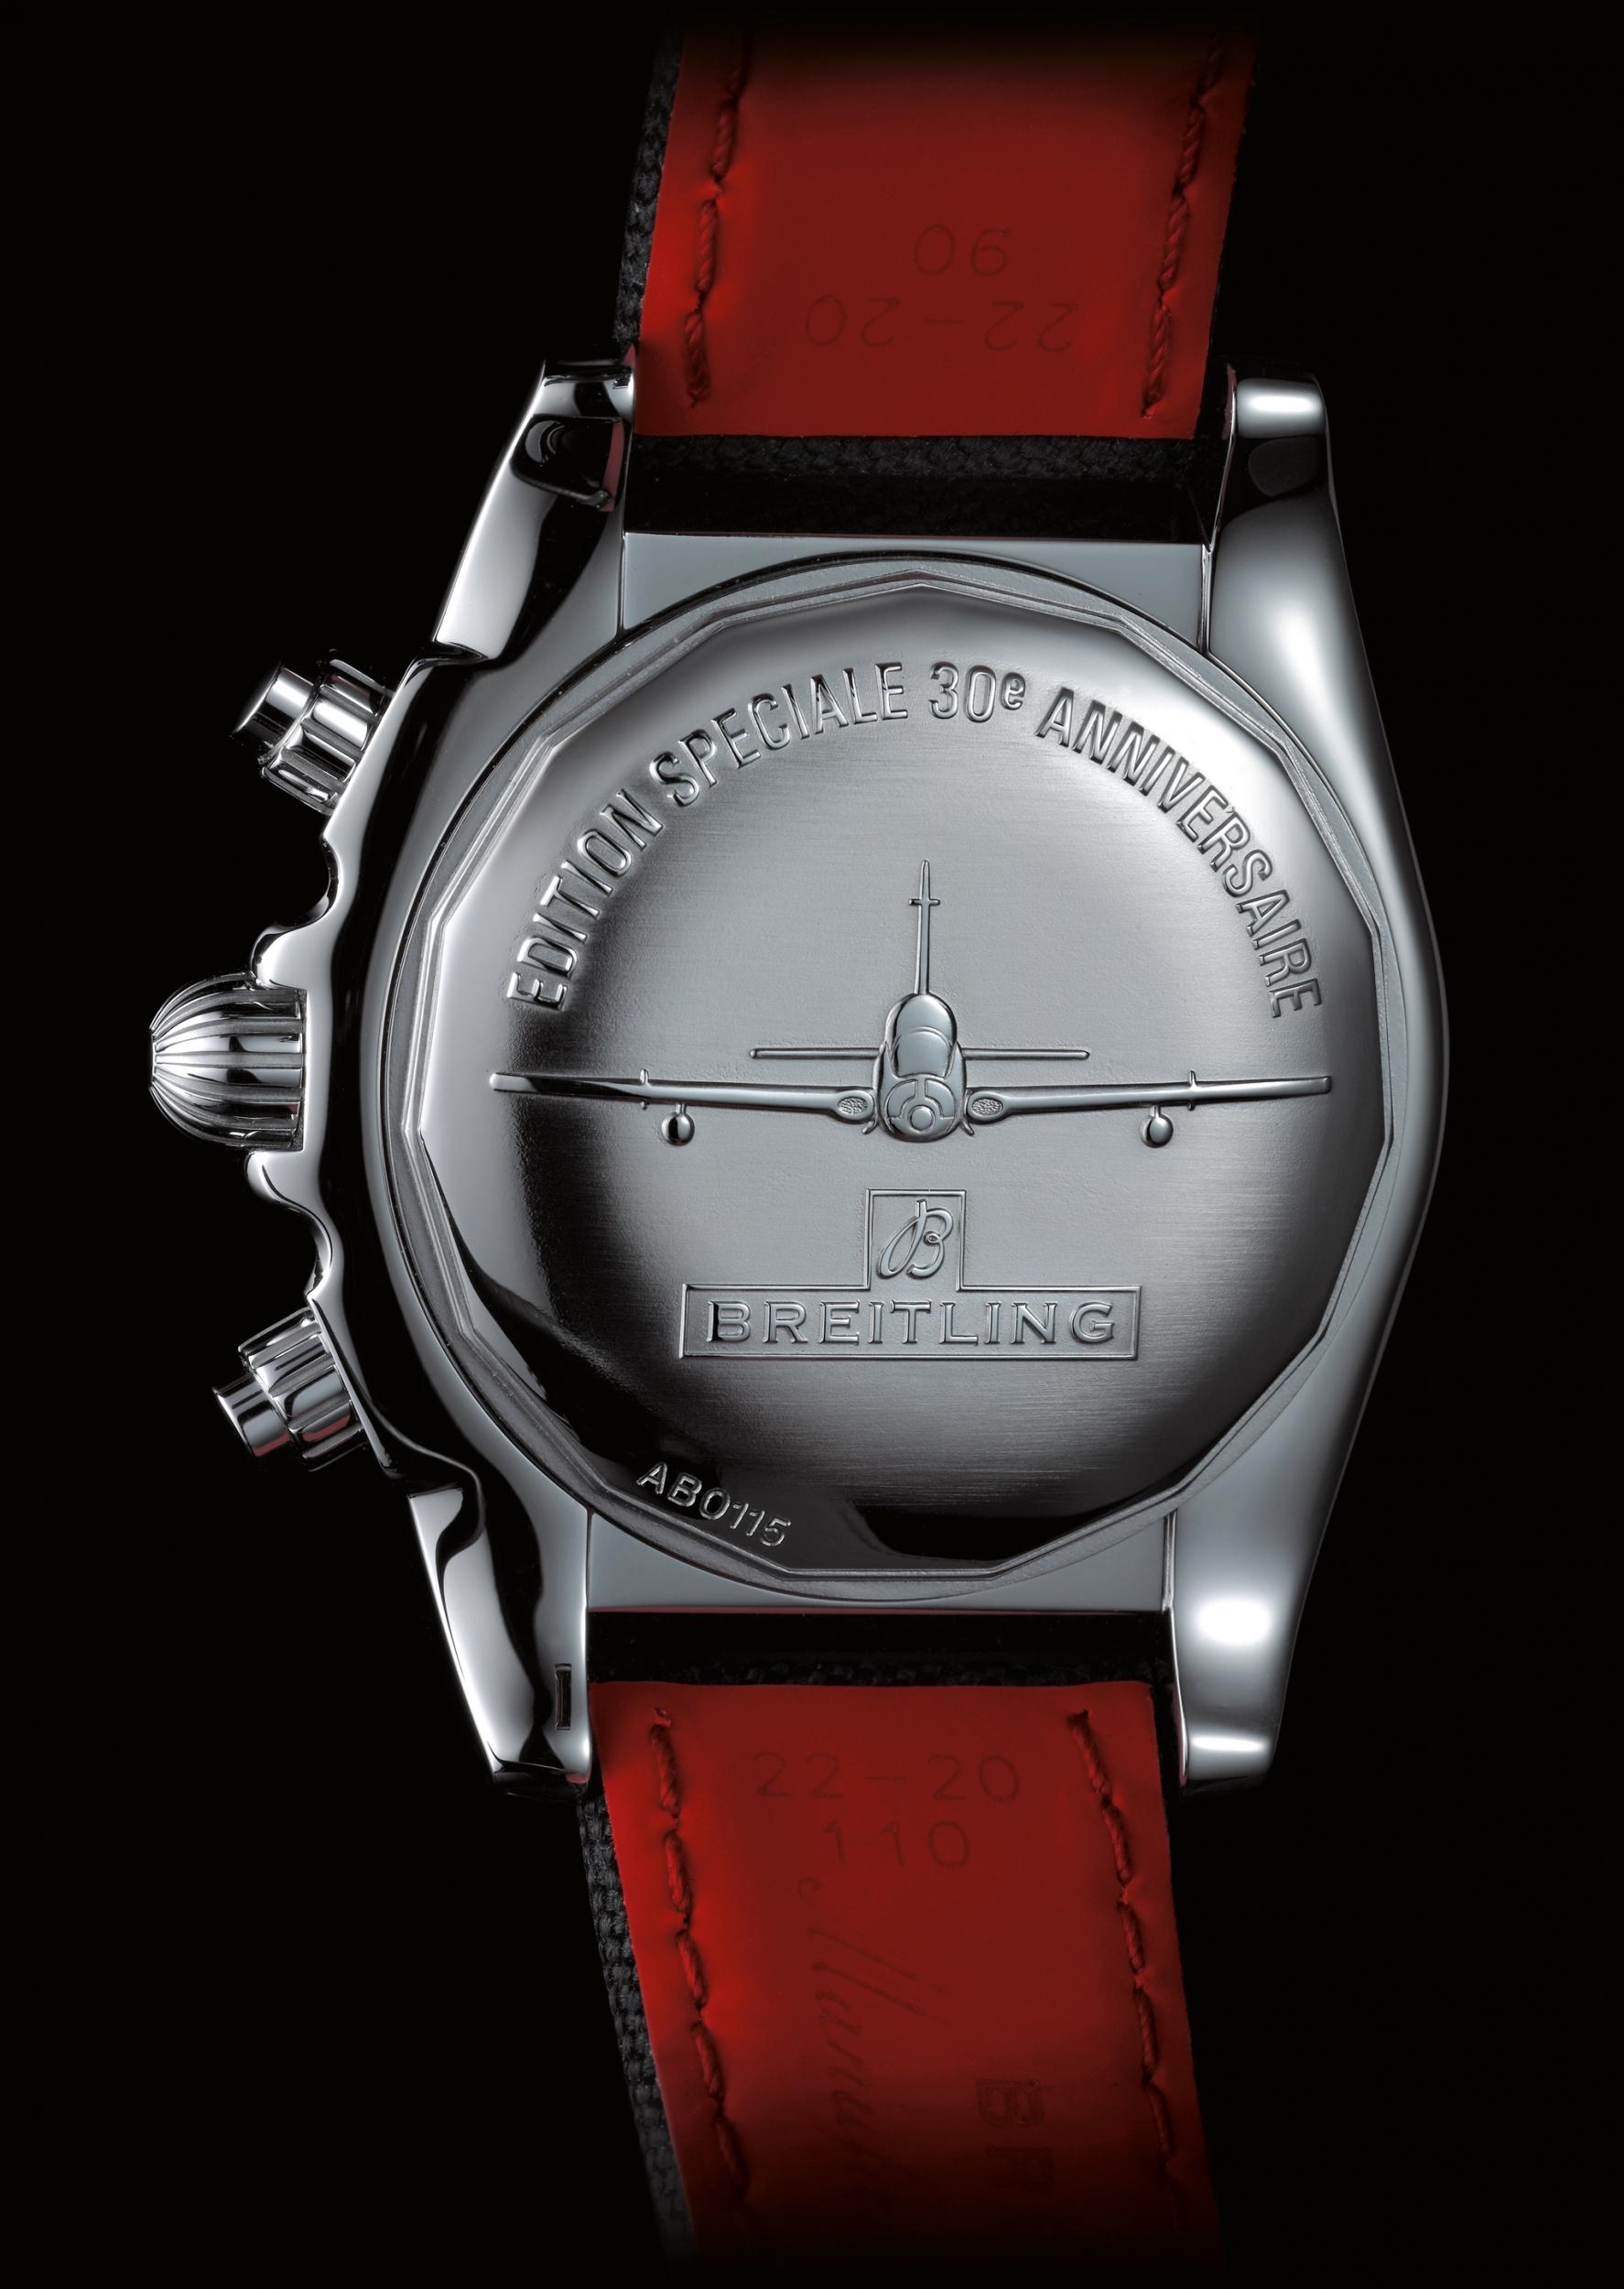 Breitling Chronomat Airborne